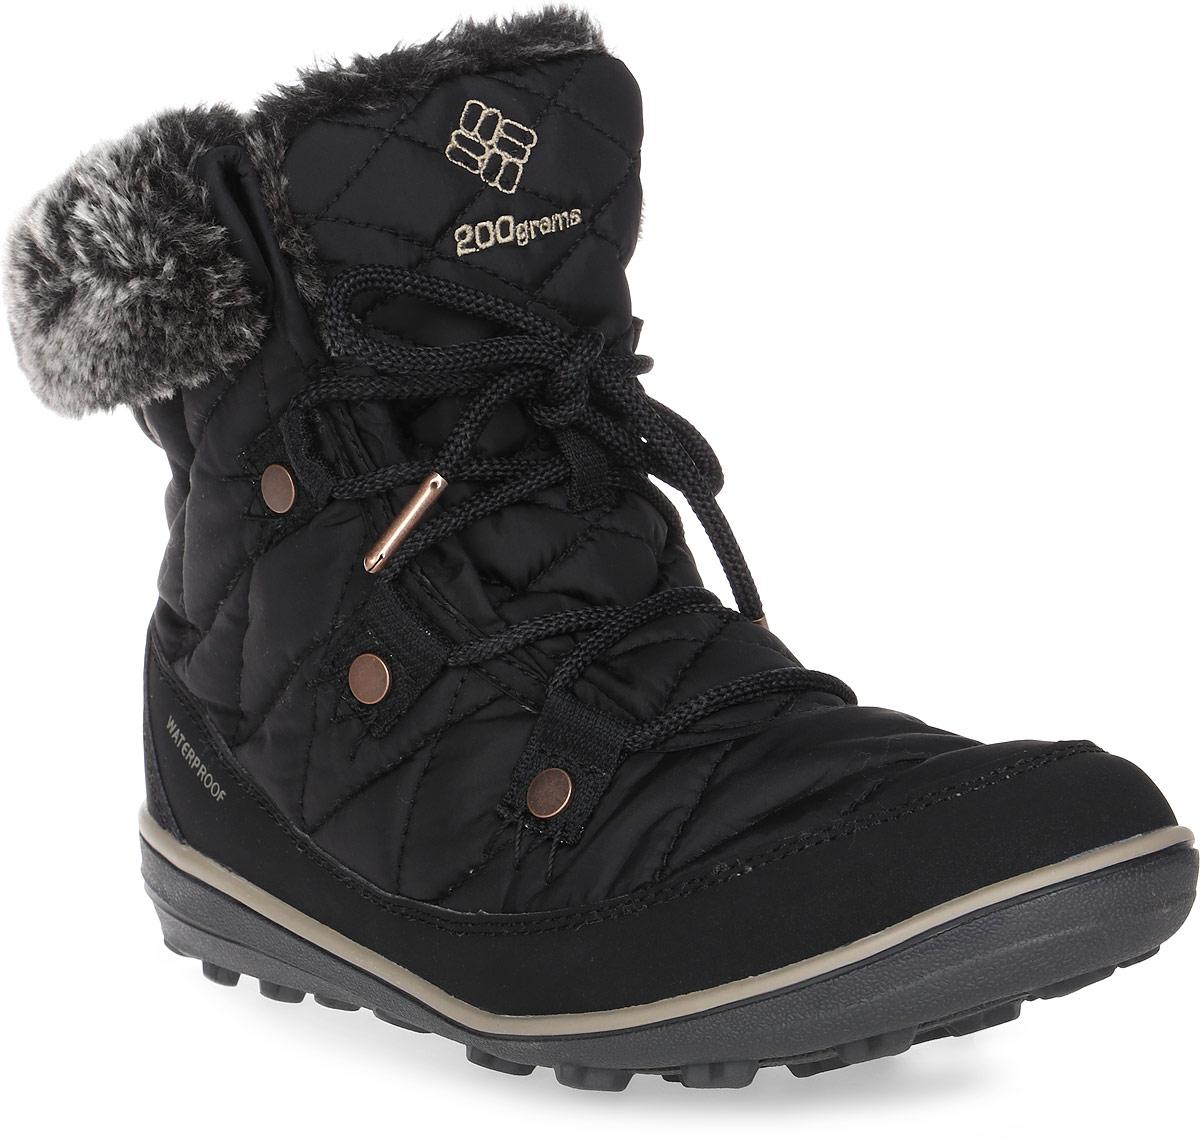 Ботинки женские Columbia Heavenly Shorty Omni-Heat, цвет: темно-серый. 1691541-010. Размер 7 (37,5)1691541-010Женские ботинки Heavenly Shorty Omni-Heat от Columbia выполнены из высококачественного комбинированного материала с технологией Omni-Tech, которая защищает обувь от осадков. Подкладка с технологией Omni-Heat сохранит ваши ноги в тепле. Утеплитель Insulated плотностью 200 гр. не позволит ногам замерзнуть. Подкладка в верхней части голенища выполнена из искусственного меха. Шнуровка надежно фиксирует модель на ноге. Подошва выполнена из гибкого, легкого материала обладающего отличной амортизацией. Подметка с технологией Omni-Grip со специальным рисунком протектора обеспечит надежное сцепление на любых зимних поверхностях. Верх ботинок декорирован вышитым логотипом бренда и отделкой из искусственного меха.